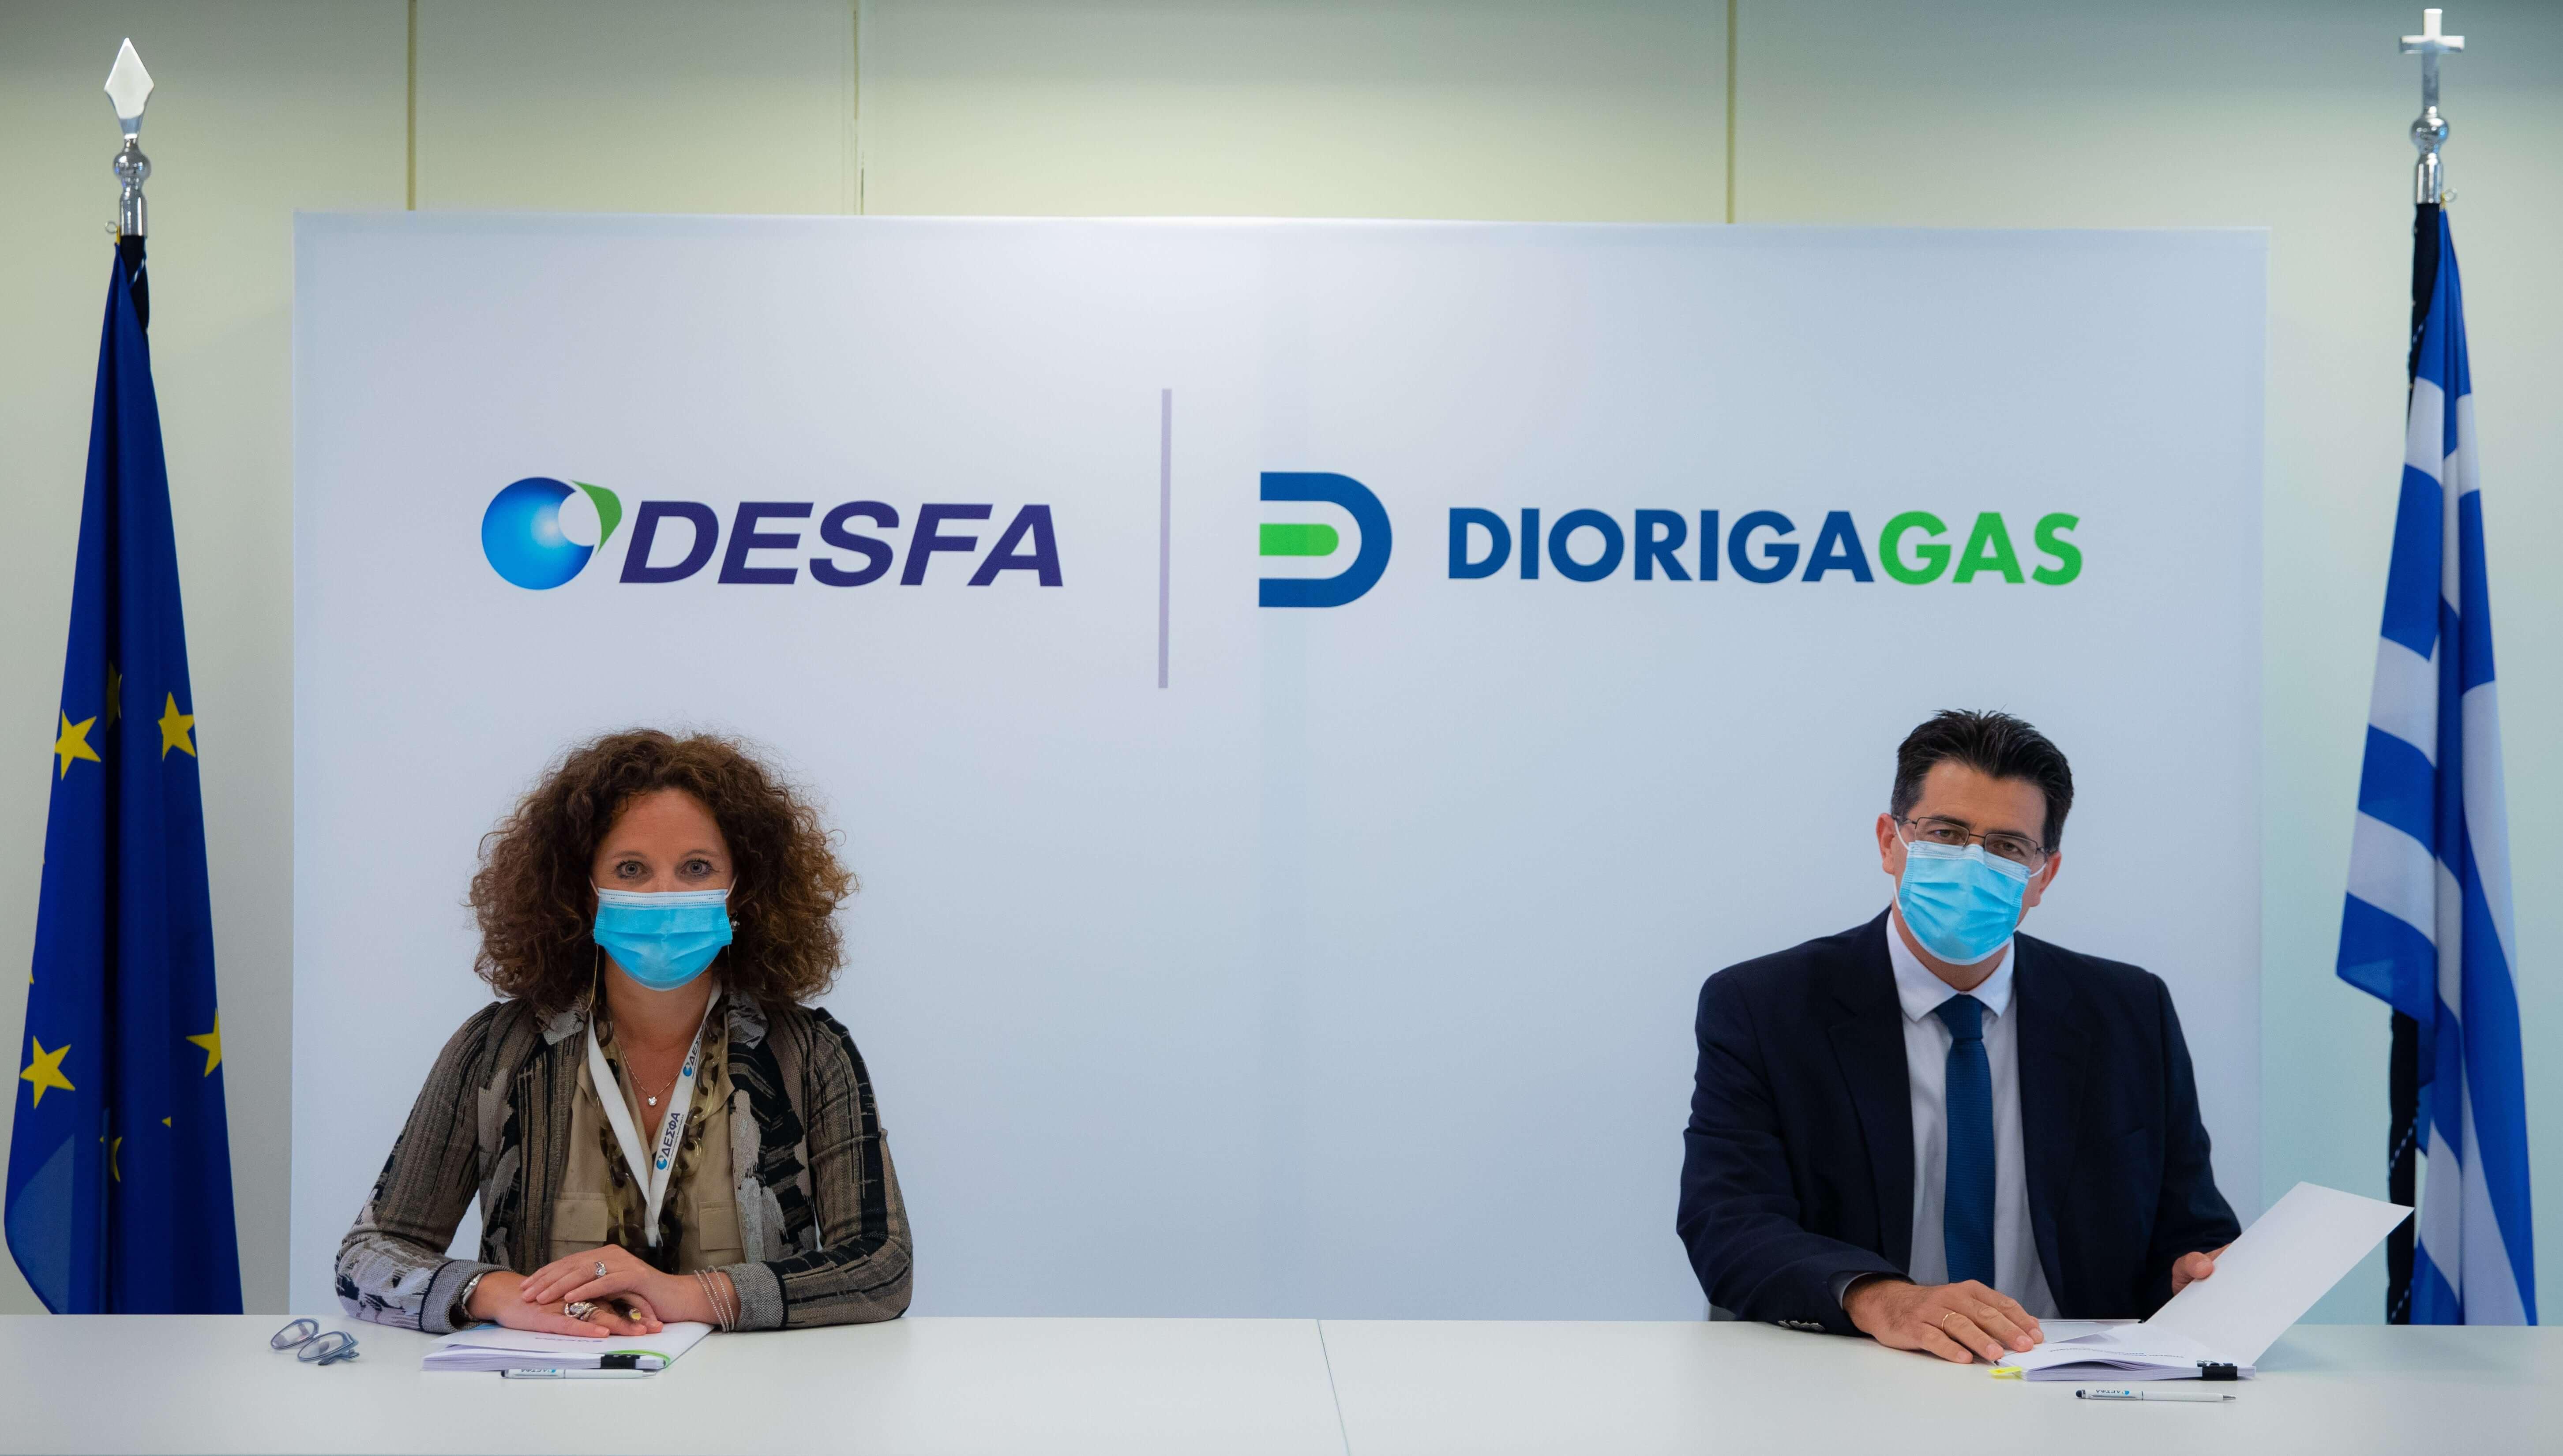 Υπογραφή Πρότυπης Σύμβασης Δέσμευσης Μελλοντικής Δυναμικότητας (ARCA) μεταξύ ΔΕΣΦΑ και Διώρυγα Gas